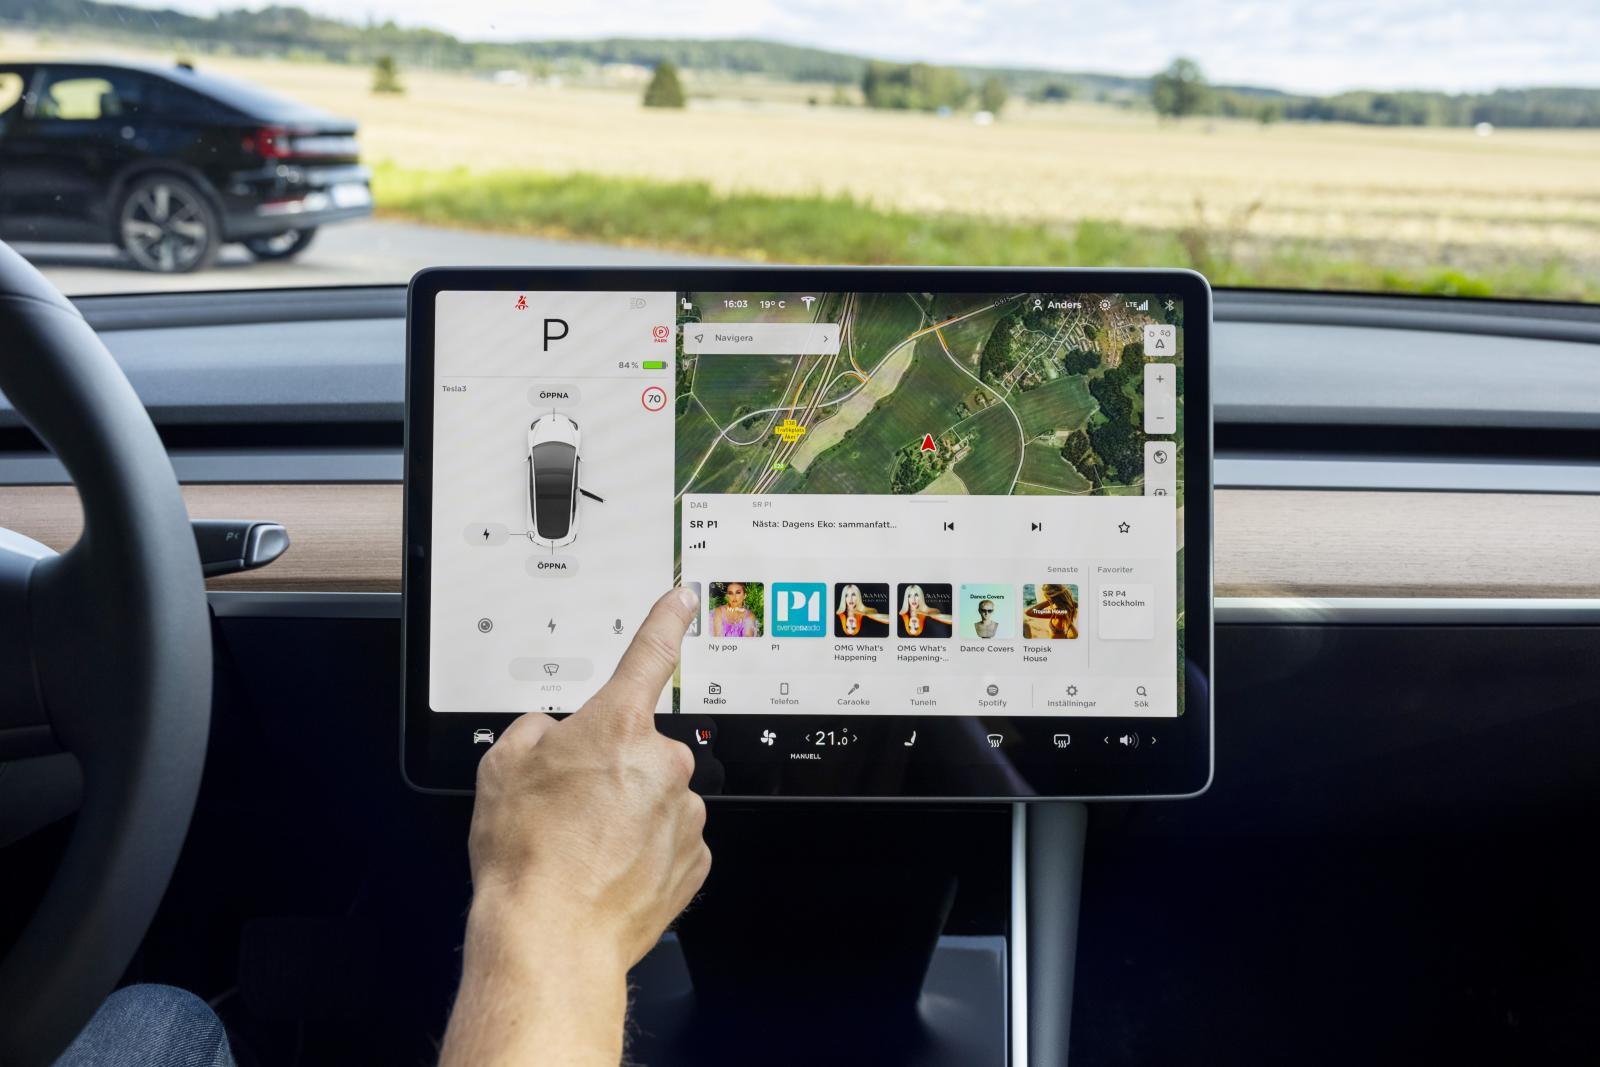 Tesla: Trots att 15-tumsskärmen styr alla bilens funktioner – och det är många – sker det med godkänd ergonomi. Här finns Netflix, spel, karaoke ...